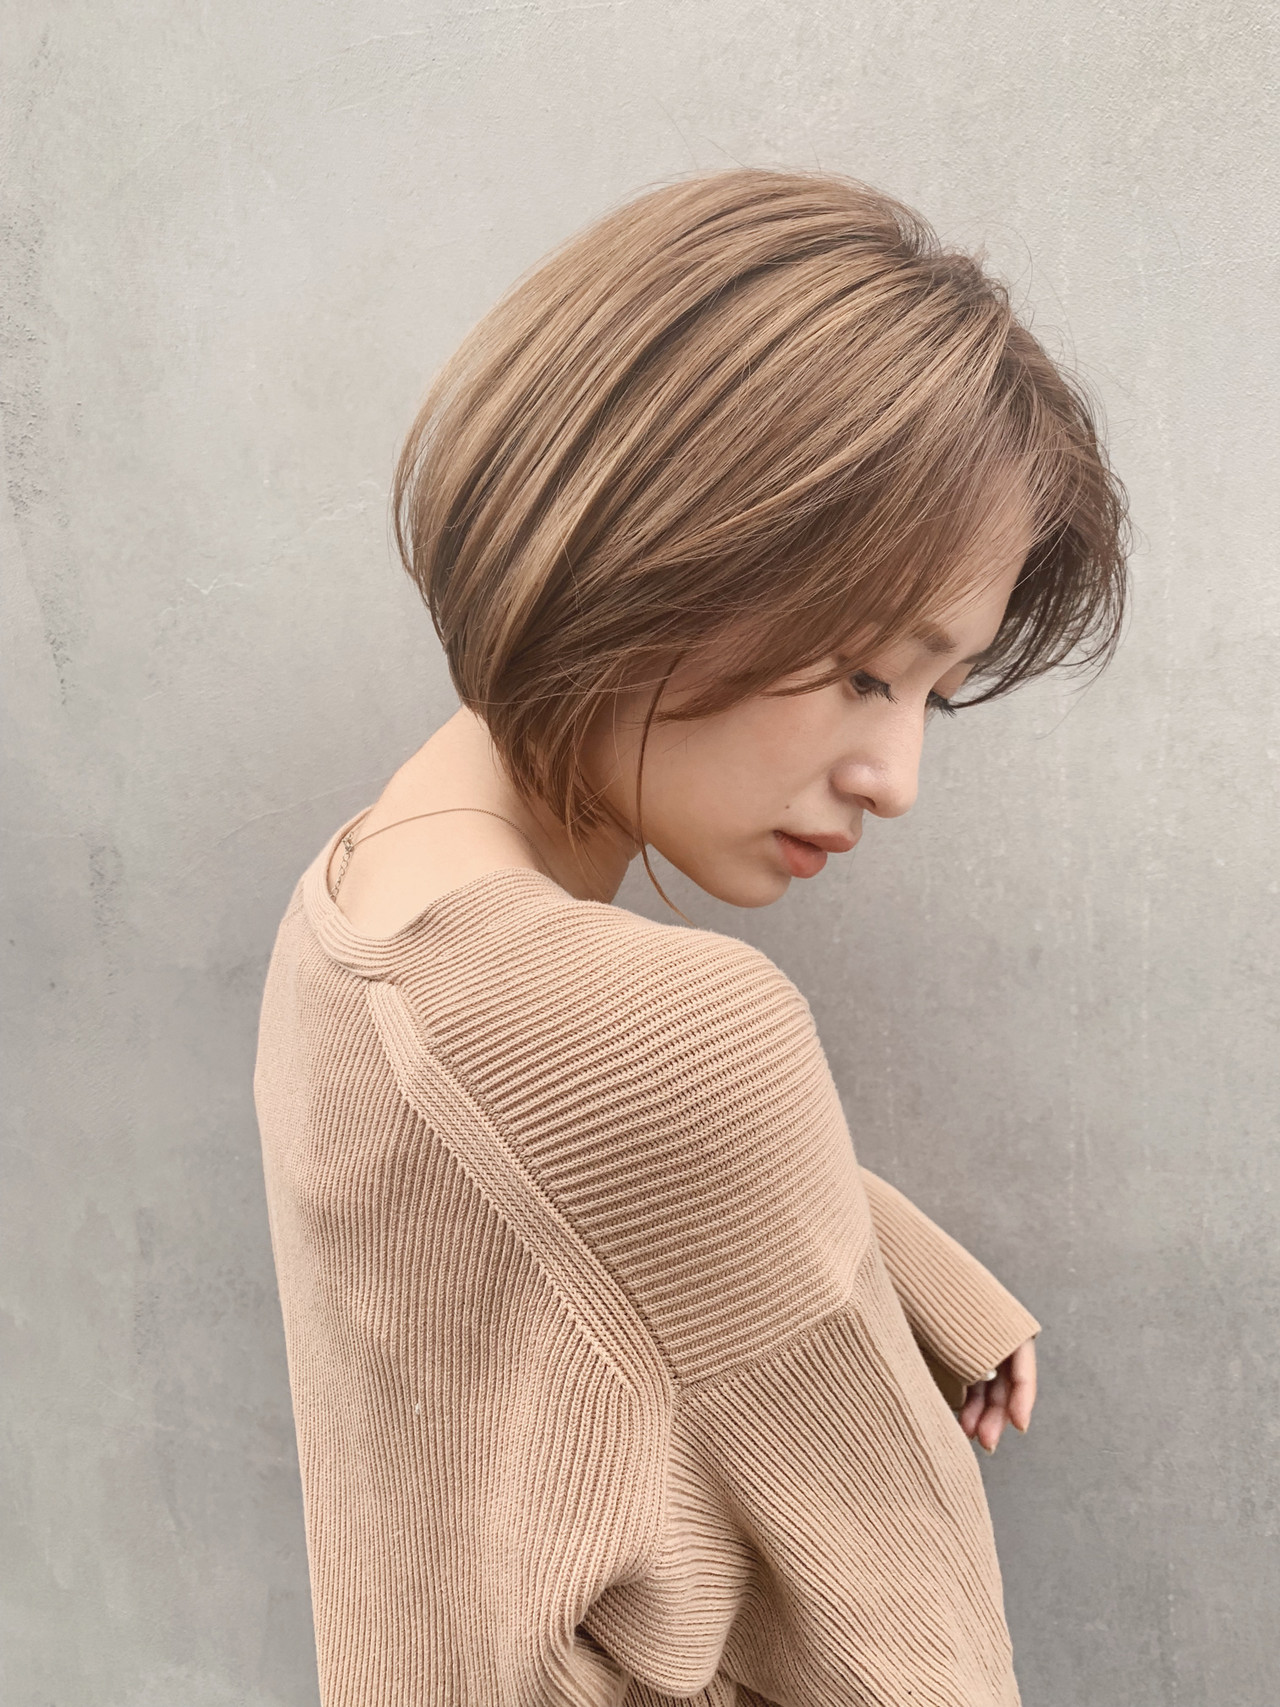 ウルフカット ショートヘア ボブ ショートボブ ヘアスタイルや髪型の写真・画像 | 贄田清也 / Roamer